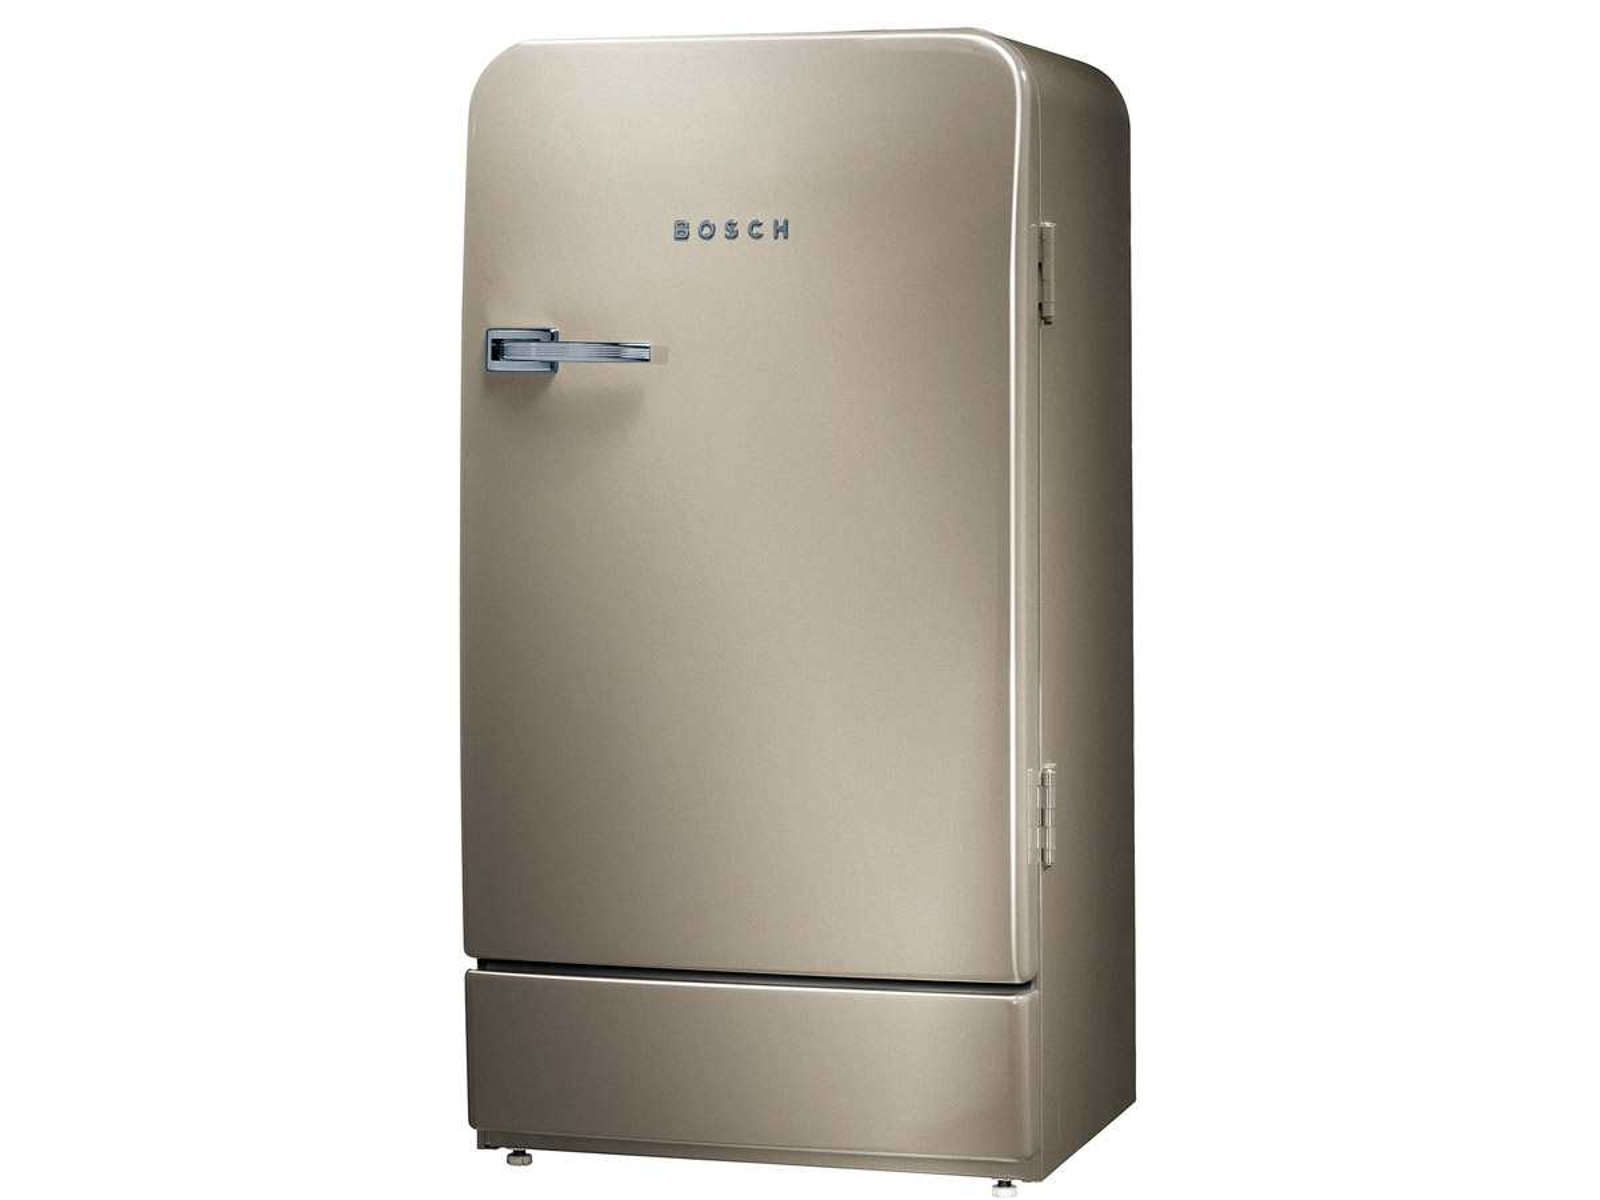 Bosch Retro Kühlschrank Groß : Kühlschrank mit doppeltür bosch ksl s stand kühlschrank mit